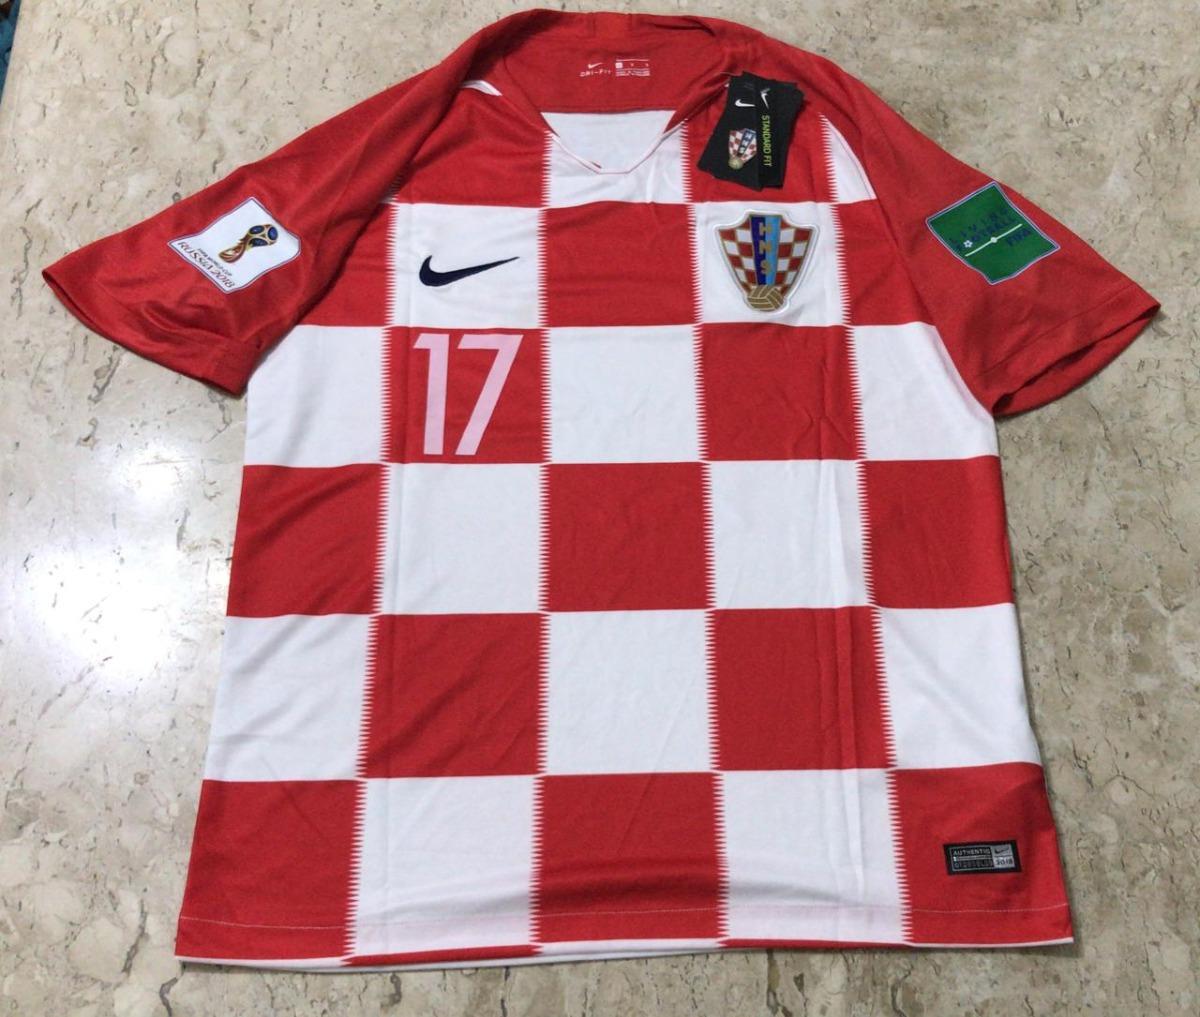 camisa nike croácia 2018 patches copa da rússia. Carregando zoom. 514a98c739725